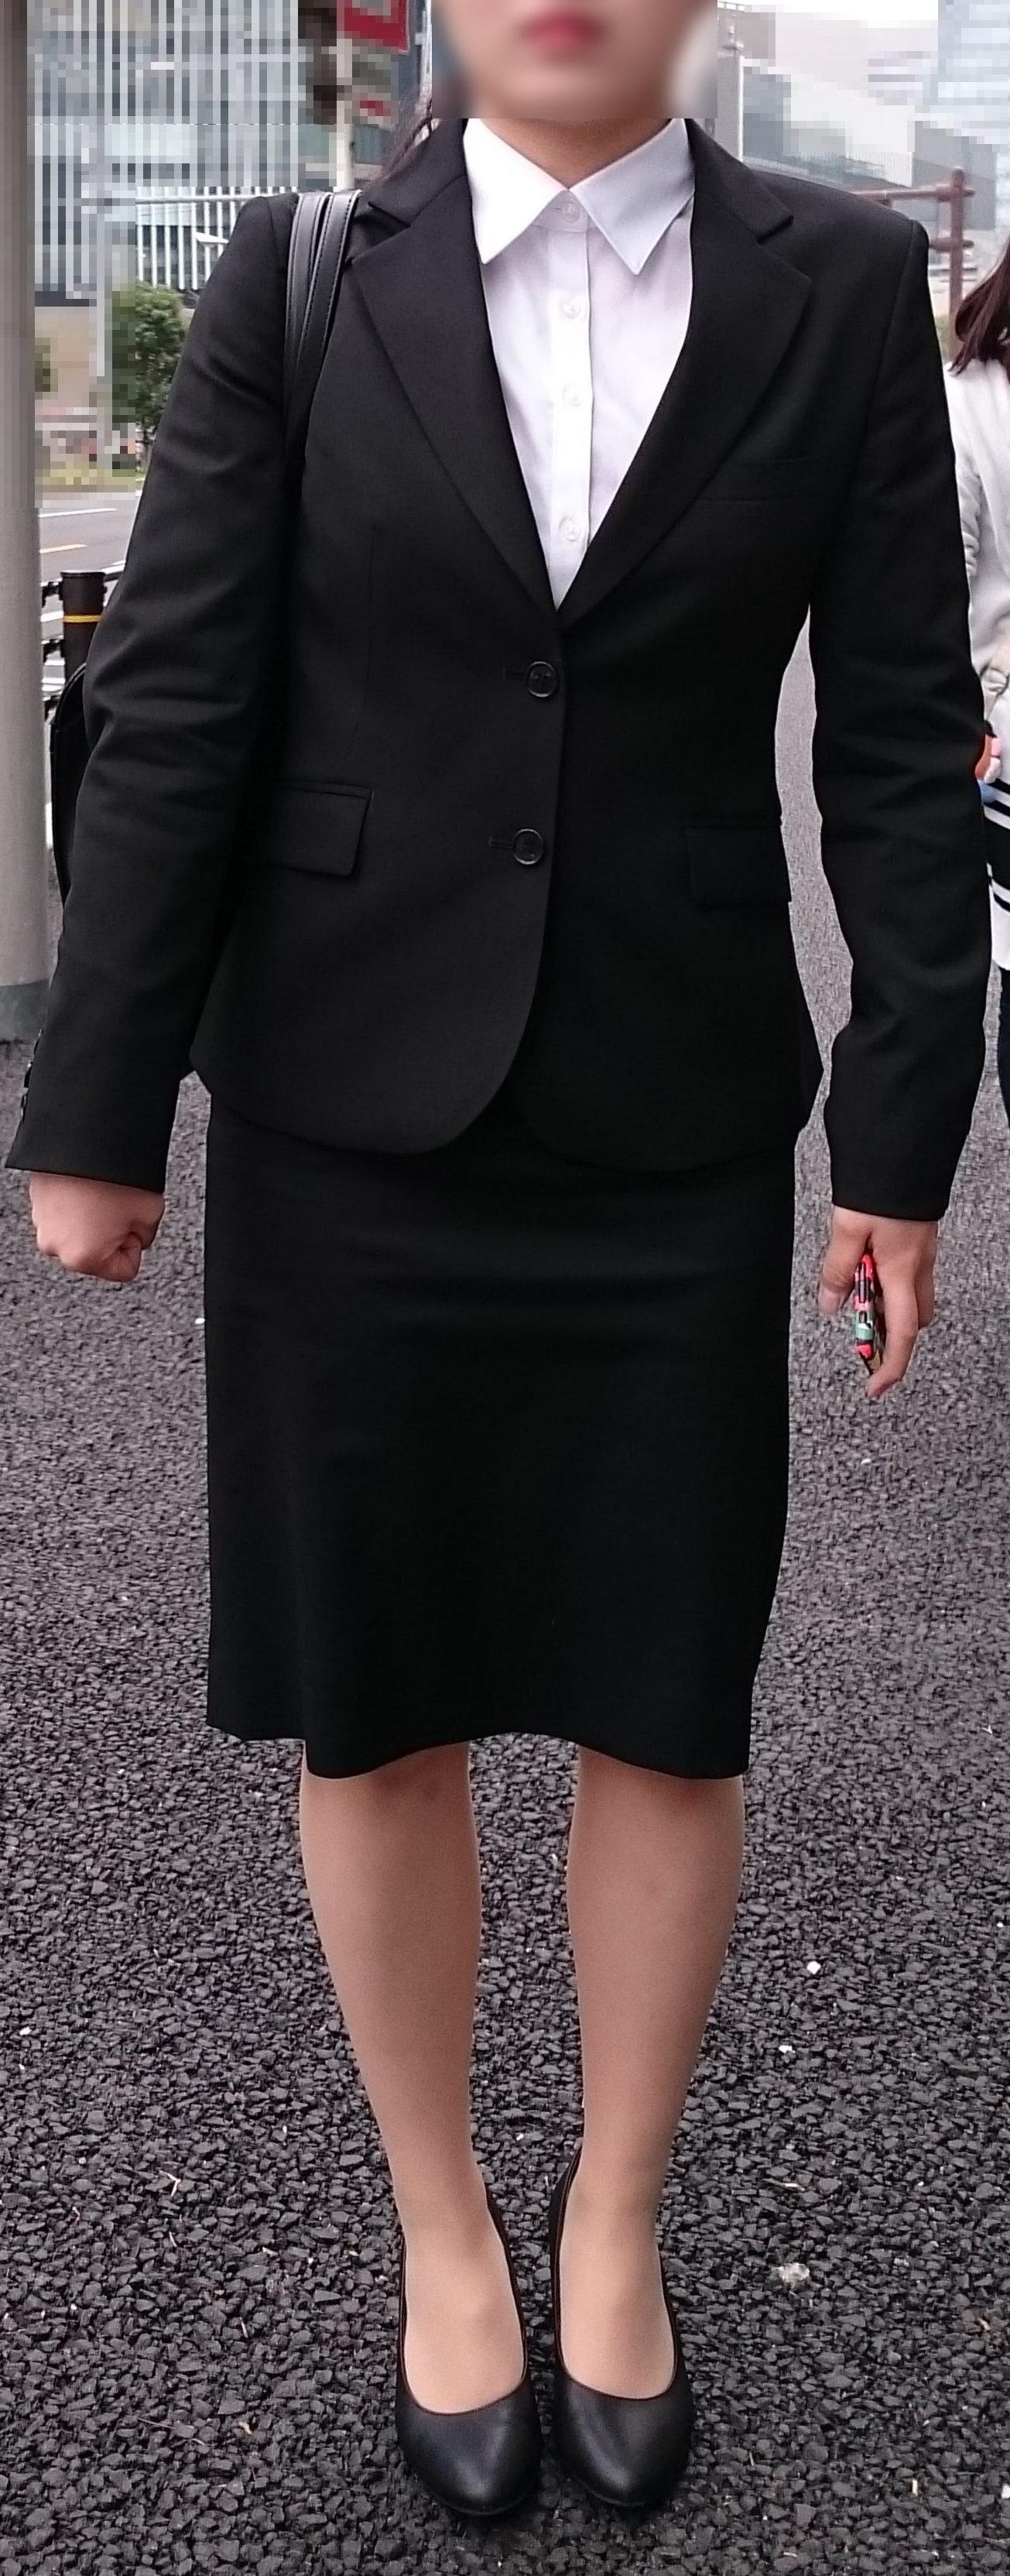 スーツや制服姿の働くお姉さんの素人エロ画像-014